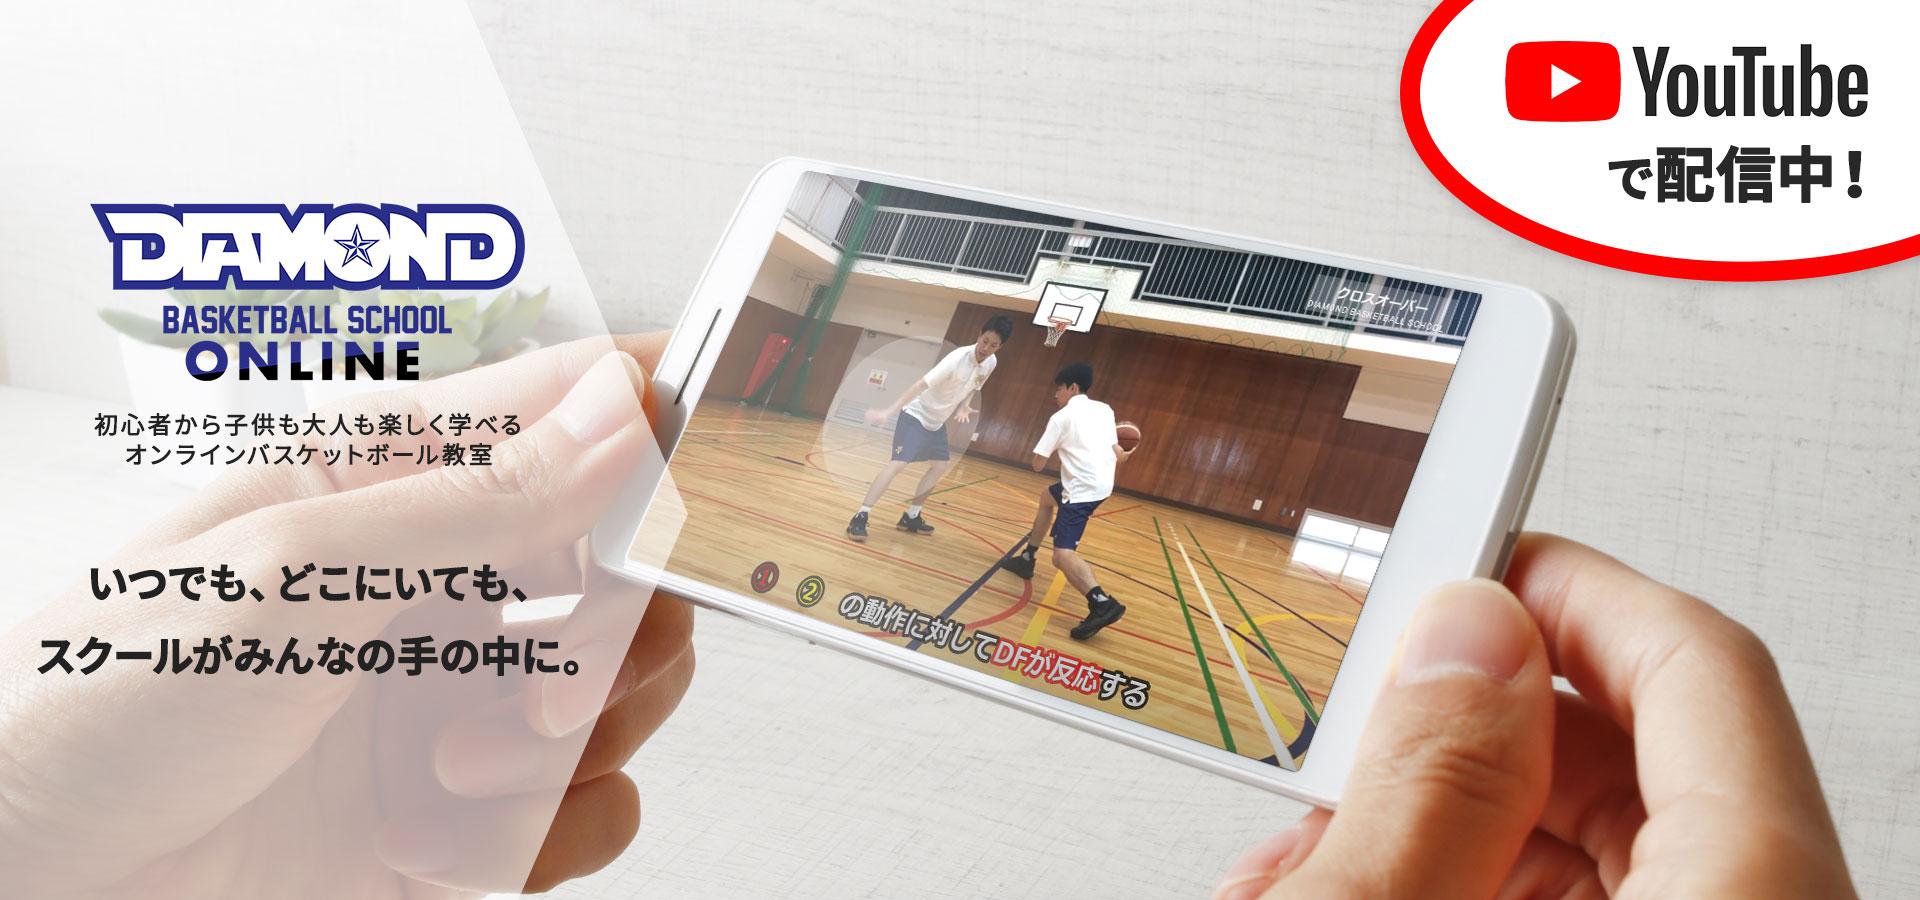 「いつでも、どこにいても、スクールがみんなの手の中に。」超初級から子供も大人も取り組めるオンラインバスケットボール教室